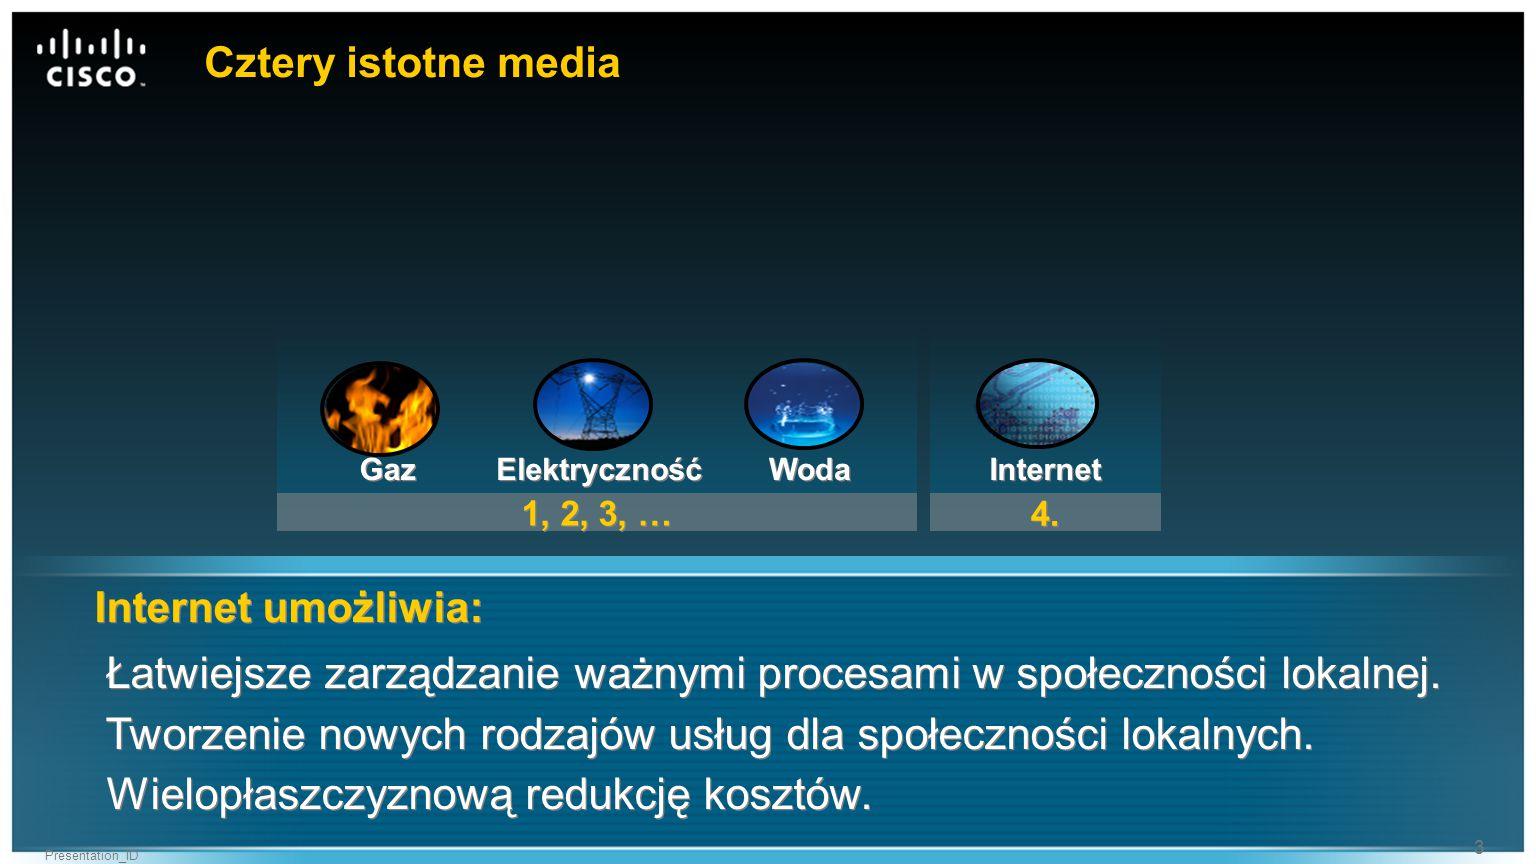 Cztery istotne media Elektryczność Gaz 1, 2, 3, … Woda Internet 4.